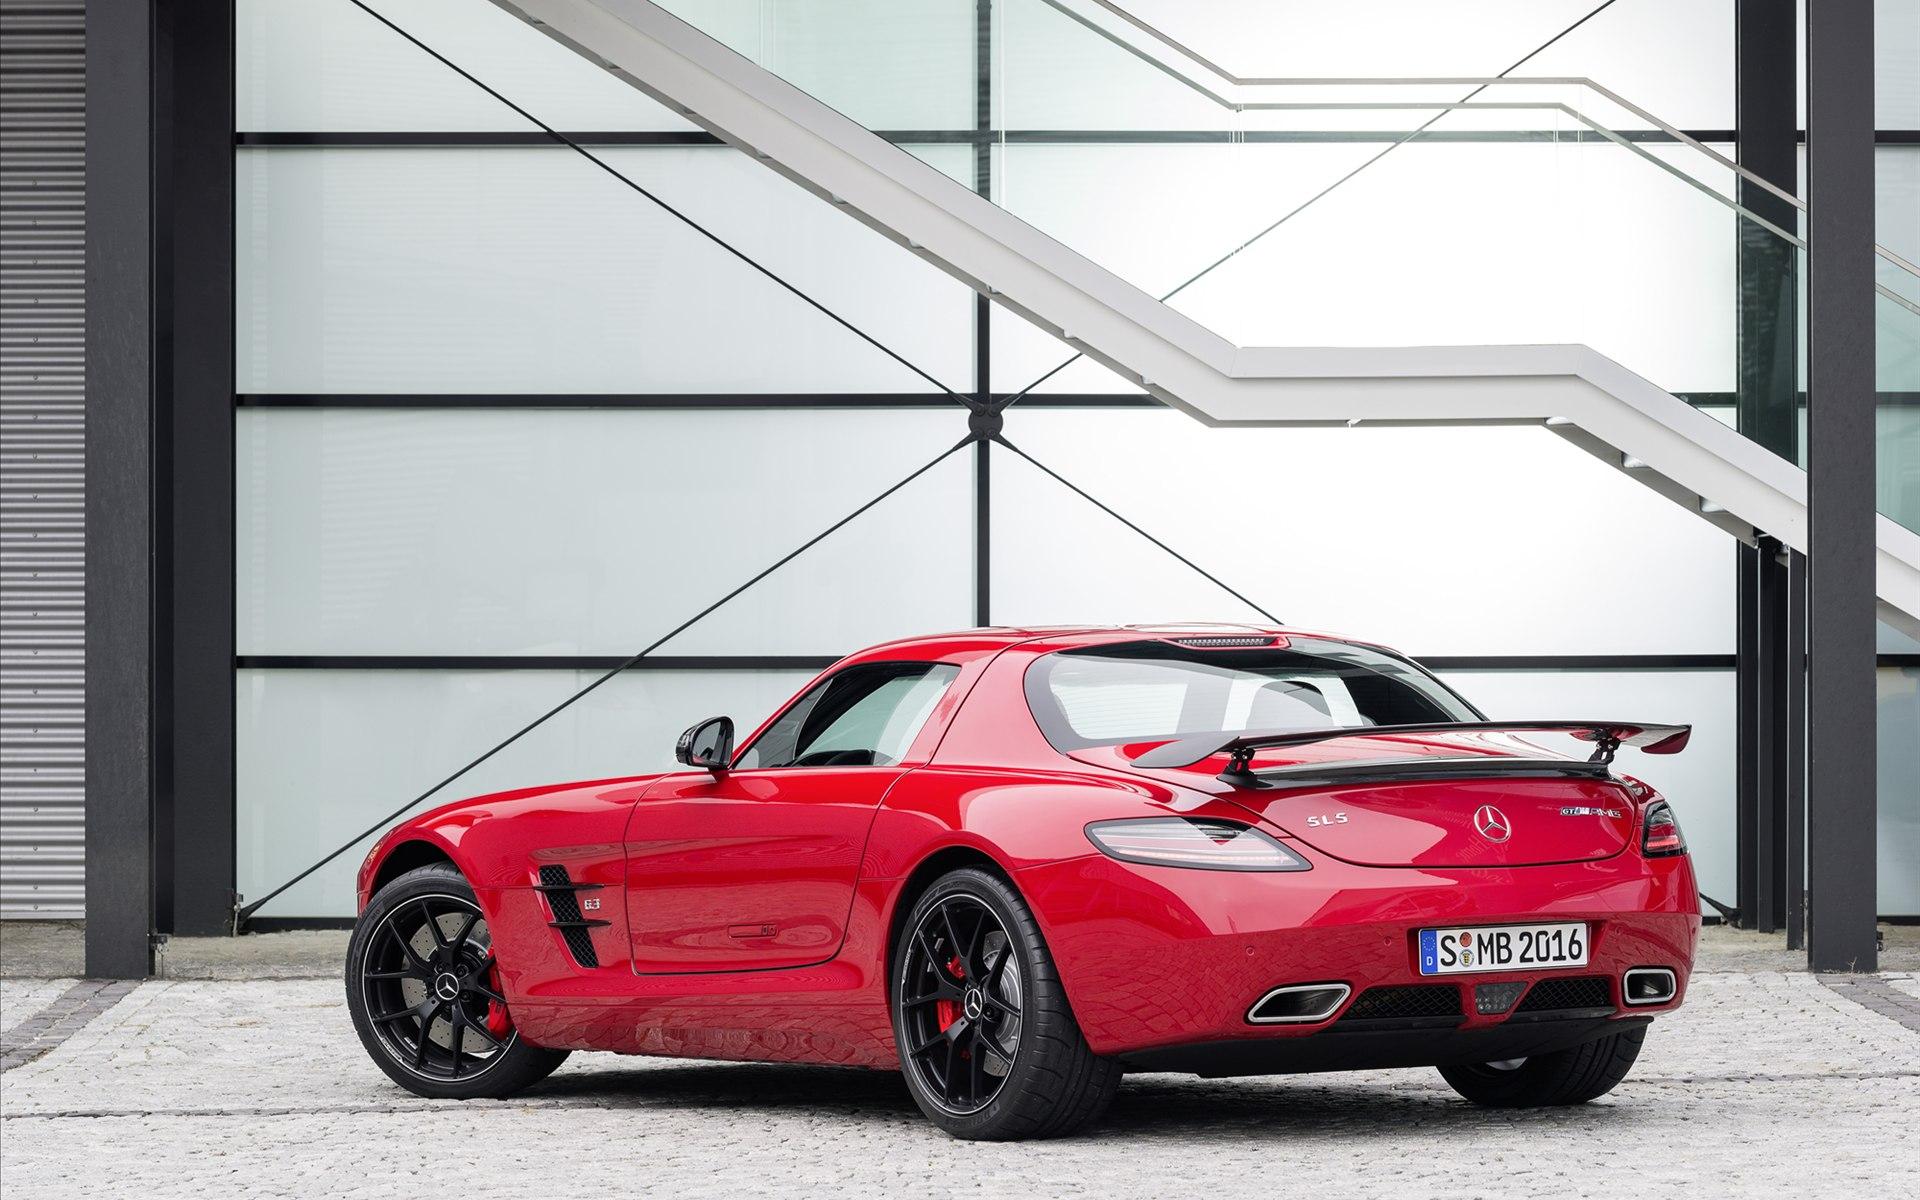 2014款梅赛德斯奔驰SLS AMG GT 高清壁纸高清图片